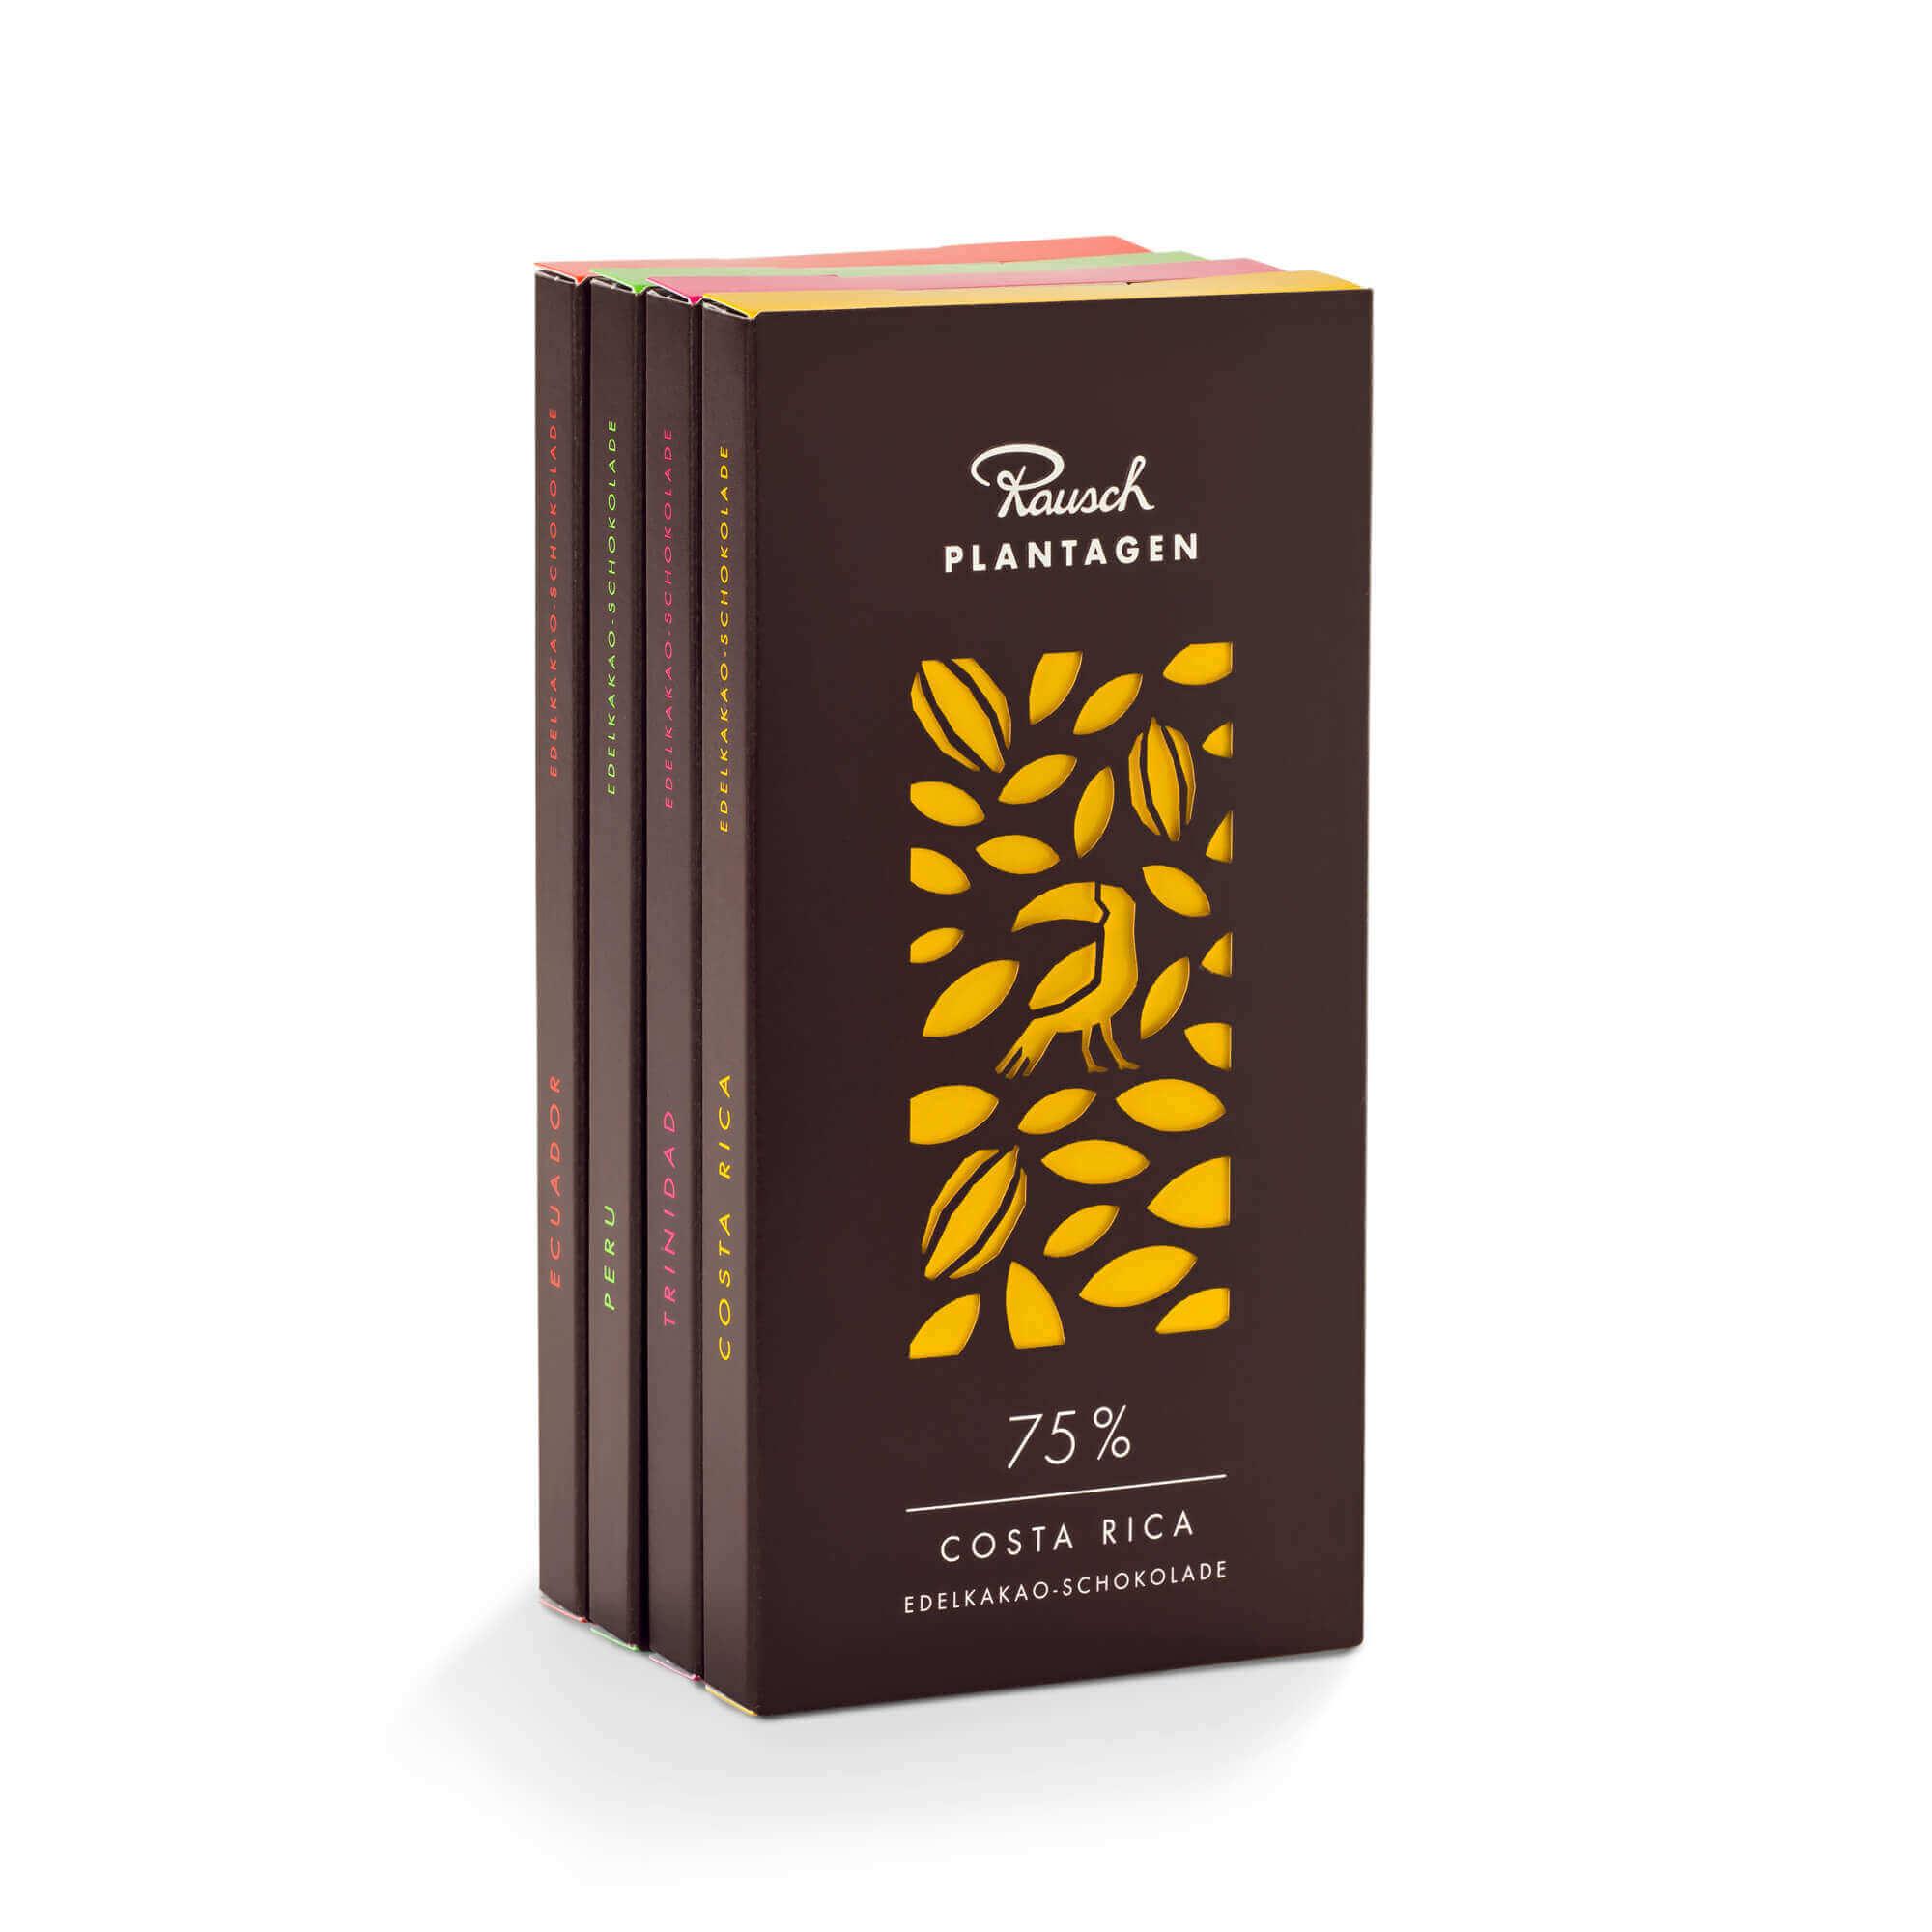 Glutenfreie Schokolade von Rausch